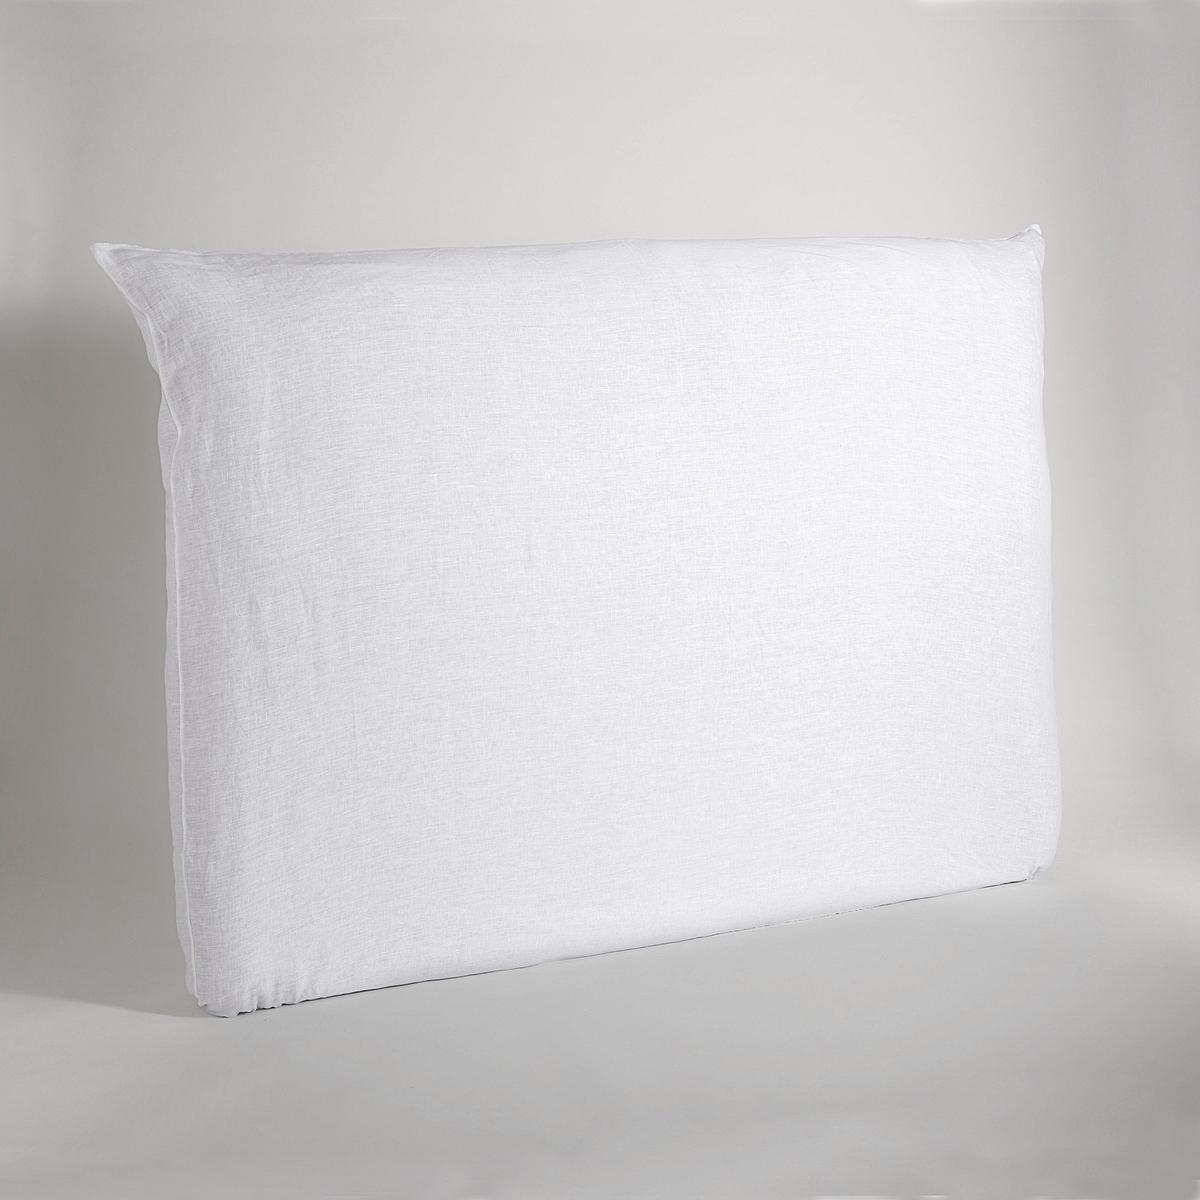 Чехол на изголовье кровати из стиранного льна, MeresonЛен. Простой уход, легкий жатый и стиранный эффект, мягкий, нежный современный материал, который со временем только становится лучше.Материал :- 100% лен.Уход : - Машинная стирка при 40 °C.Размеры : - Высота : 143 см- Длина :Для кровати T140 см : 184 смДля кровати T160 см : 204 смДля кровати T180 см : 224 смЗнак Oeko-Tex® гарантирует отсутствие вредных для здоровья веществ в протестированных и сертифицированных изделиях.<br><br>Цвет: антрацит,белый,серый,синий индиго